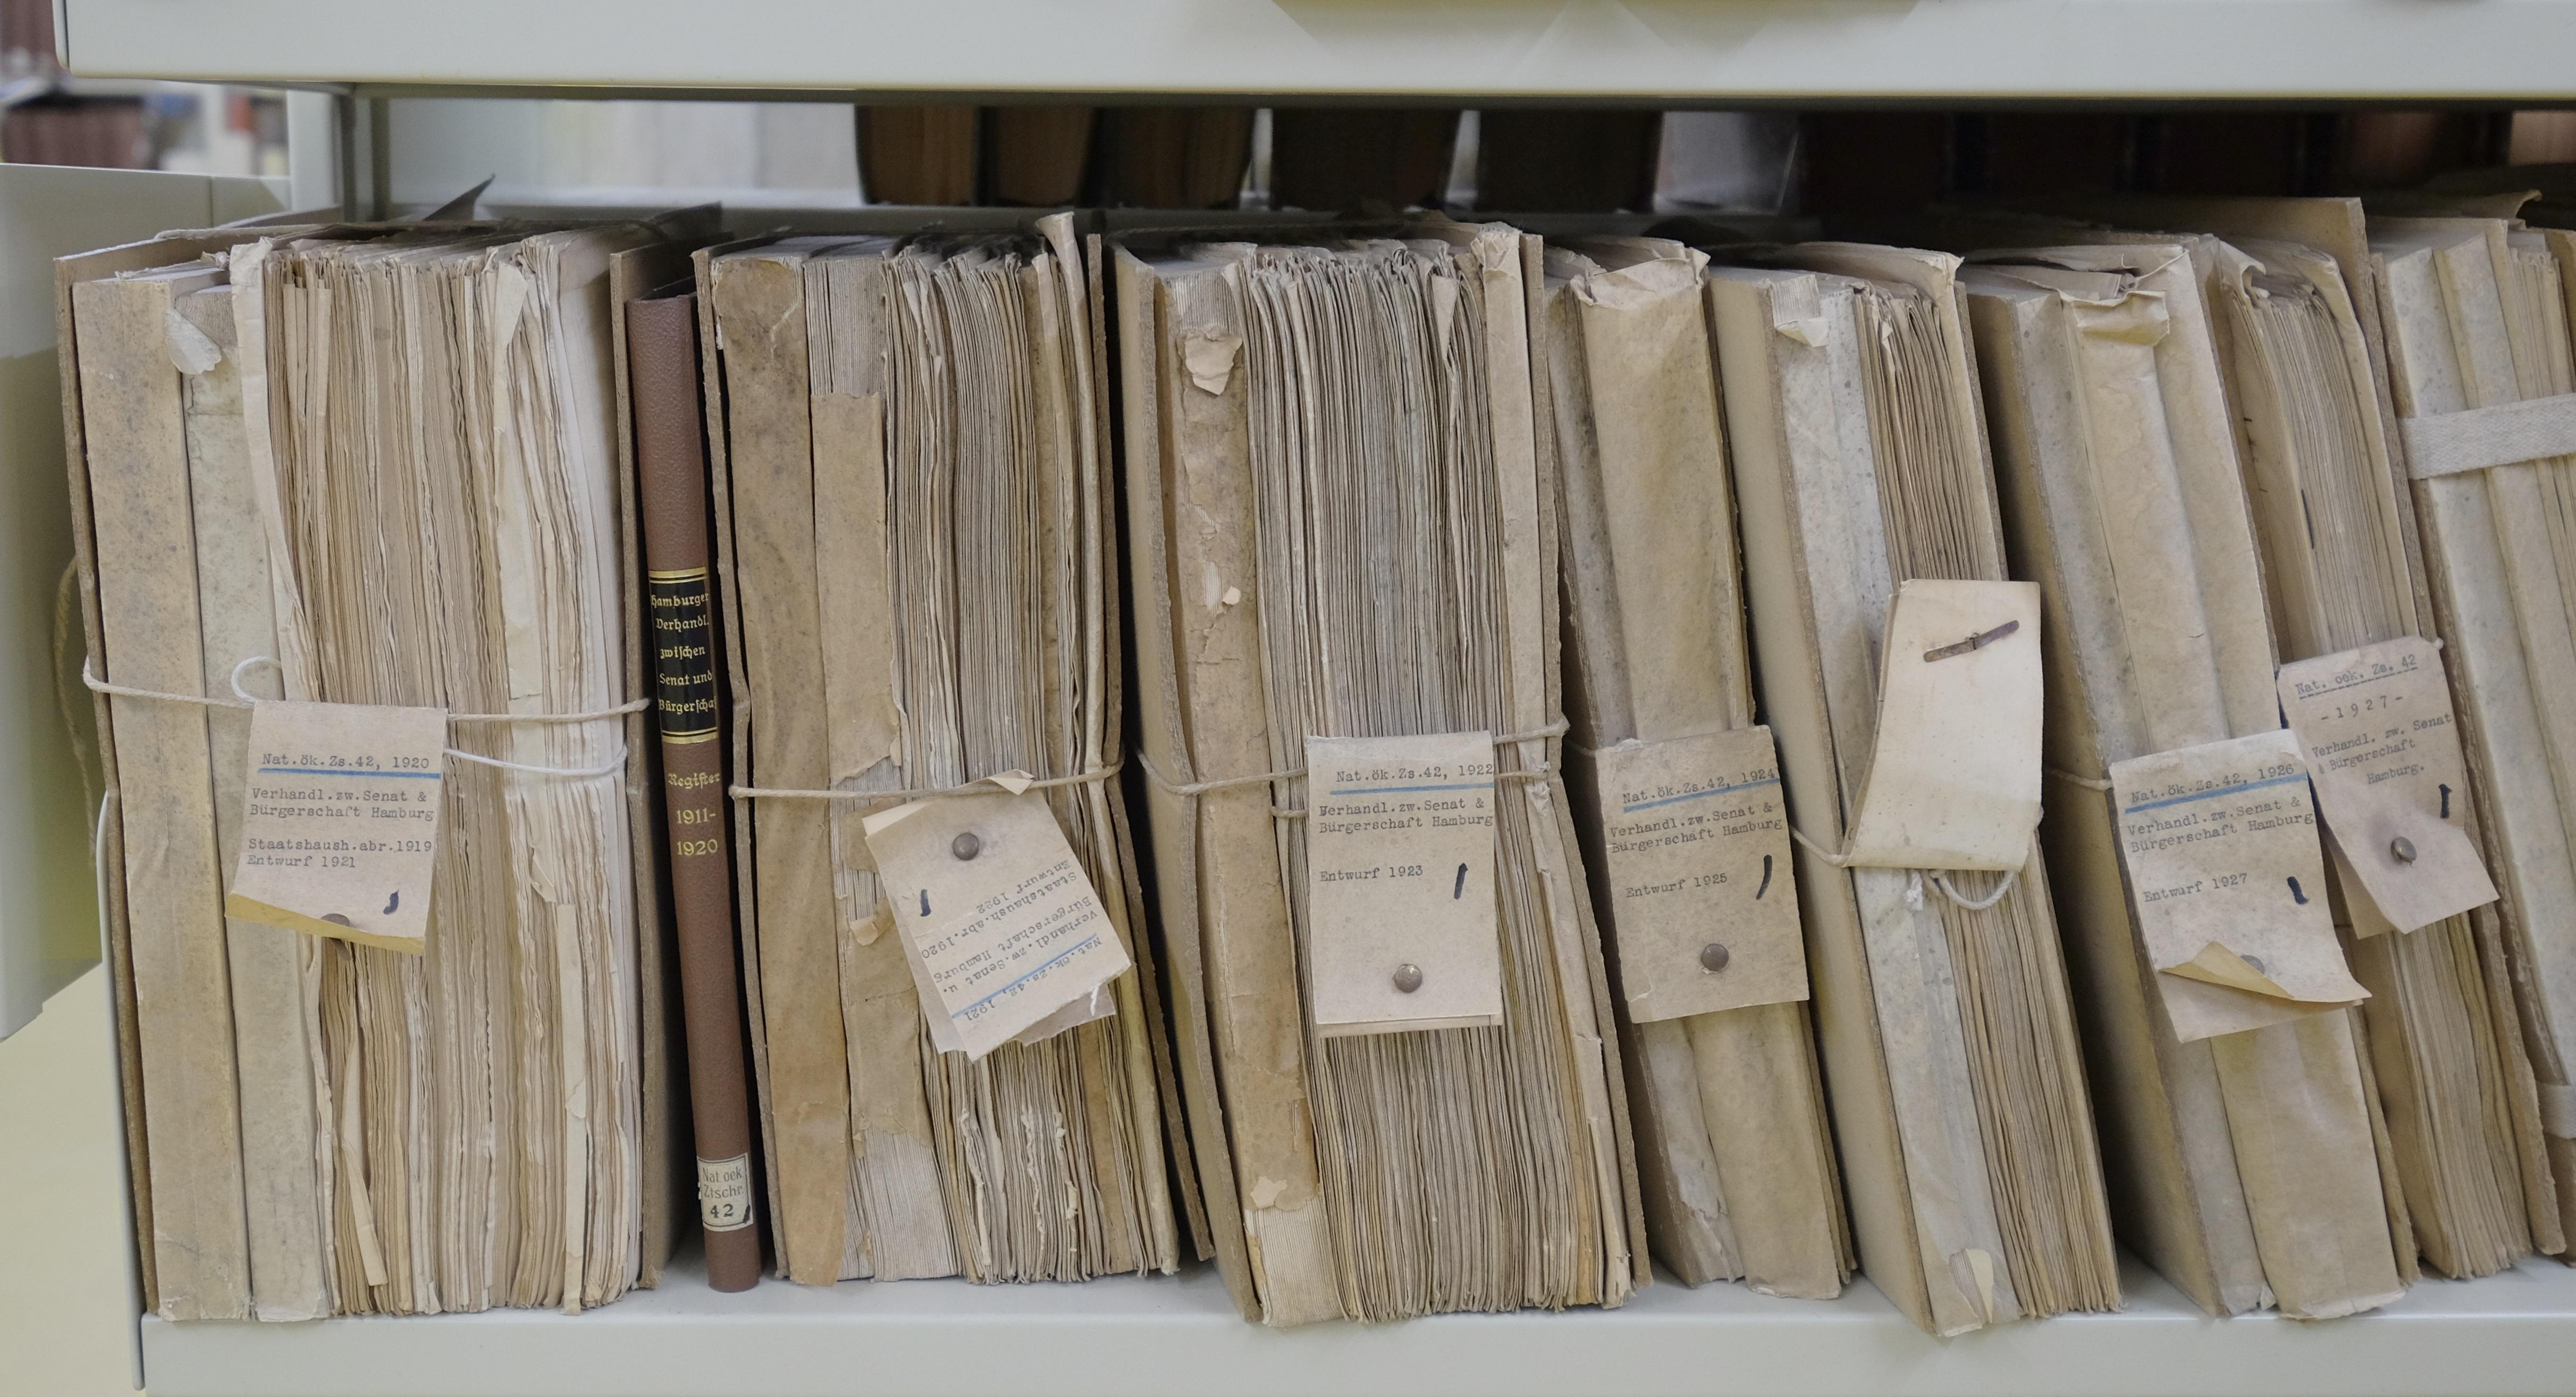 Bundles, Book, Bundle, File, Office, HQ Photo